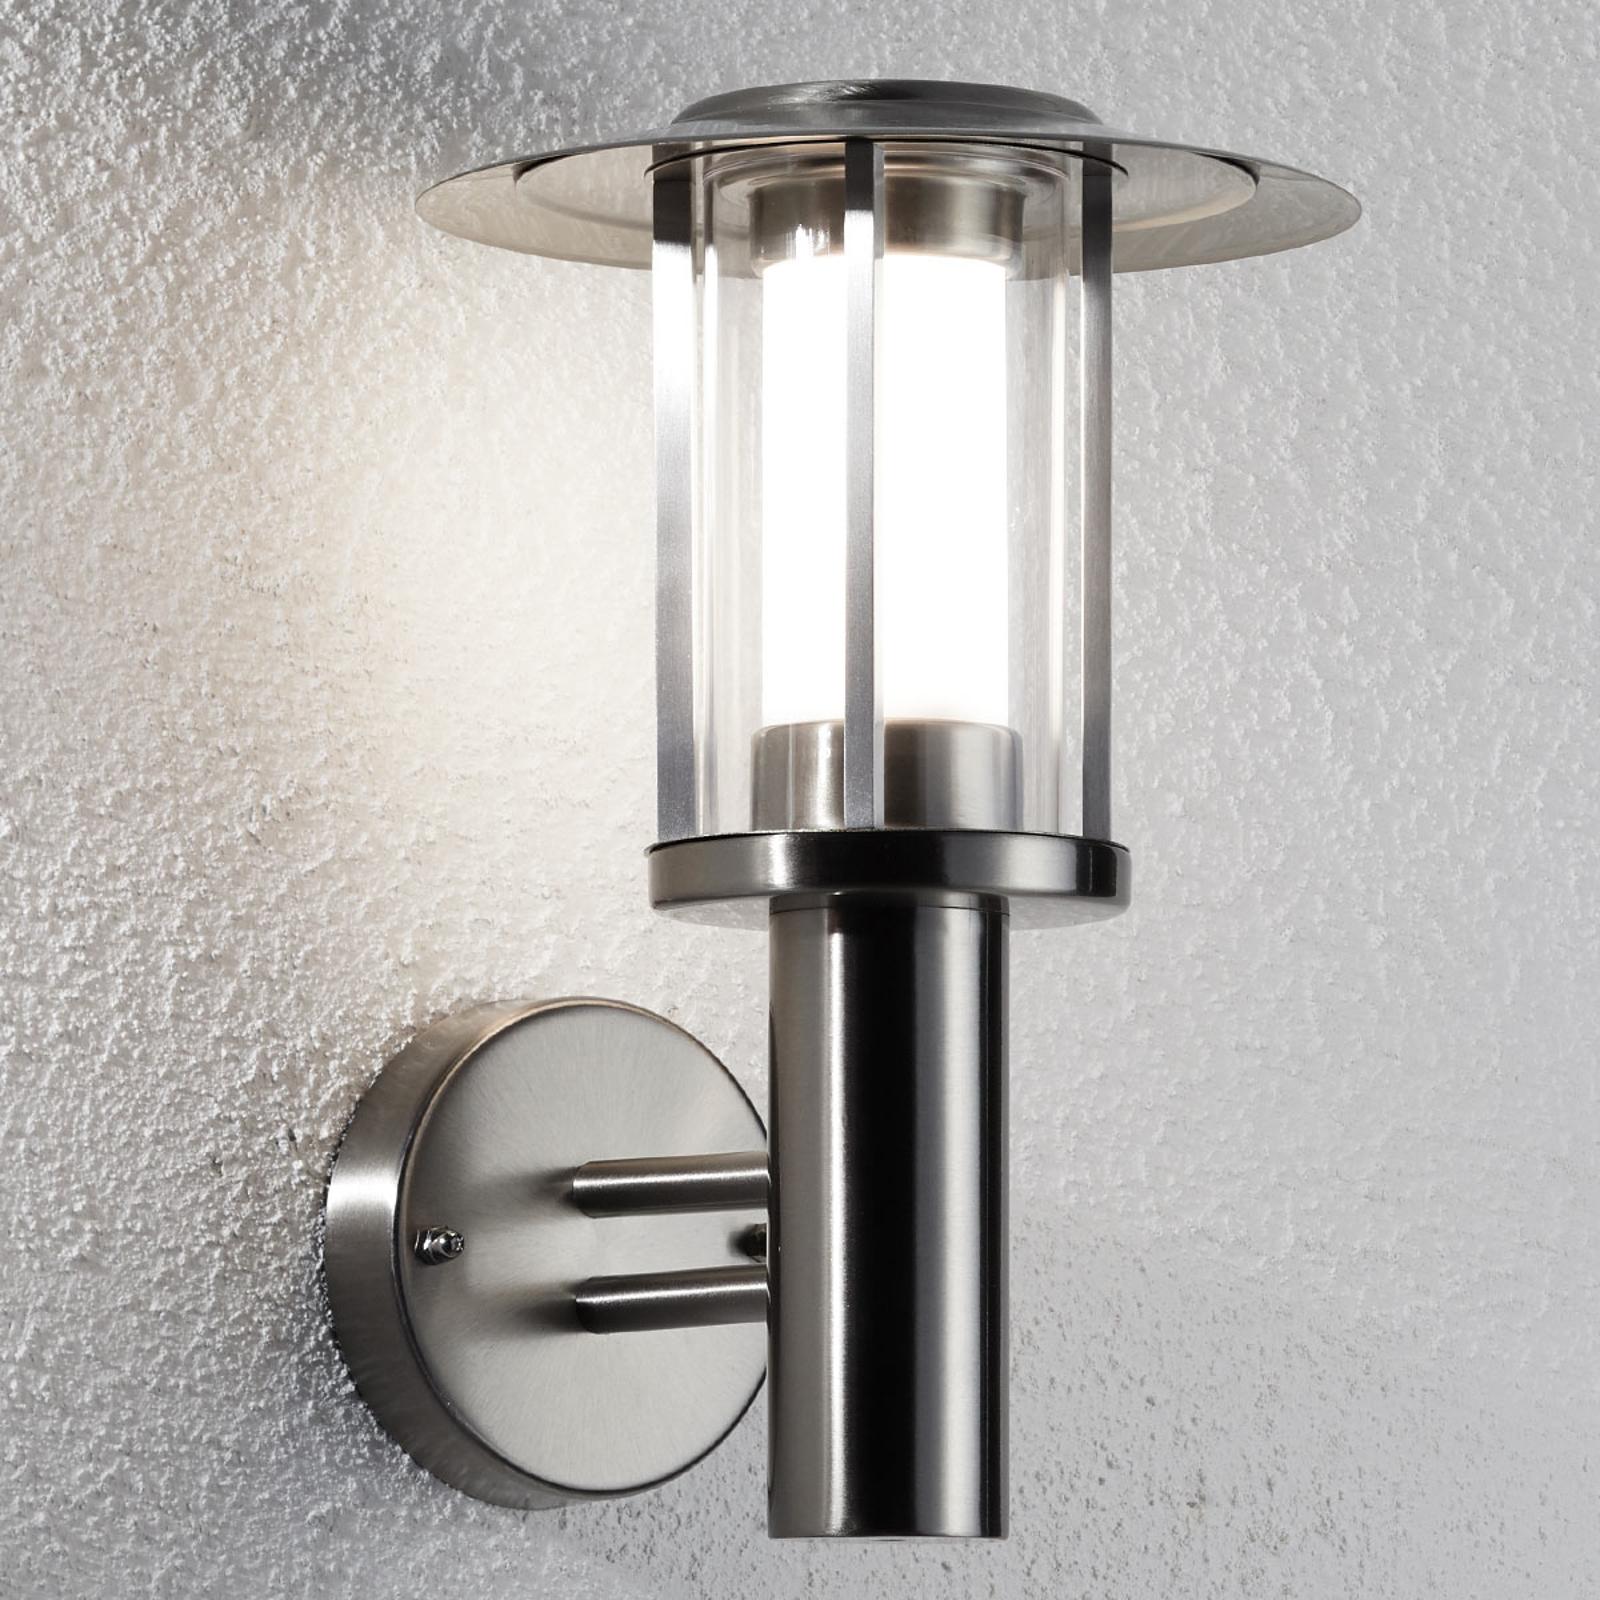 Udendørs LED-væglampe Gregory rustfrit stål